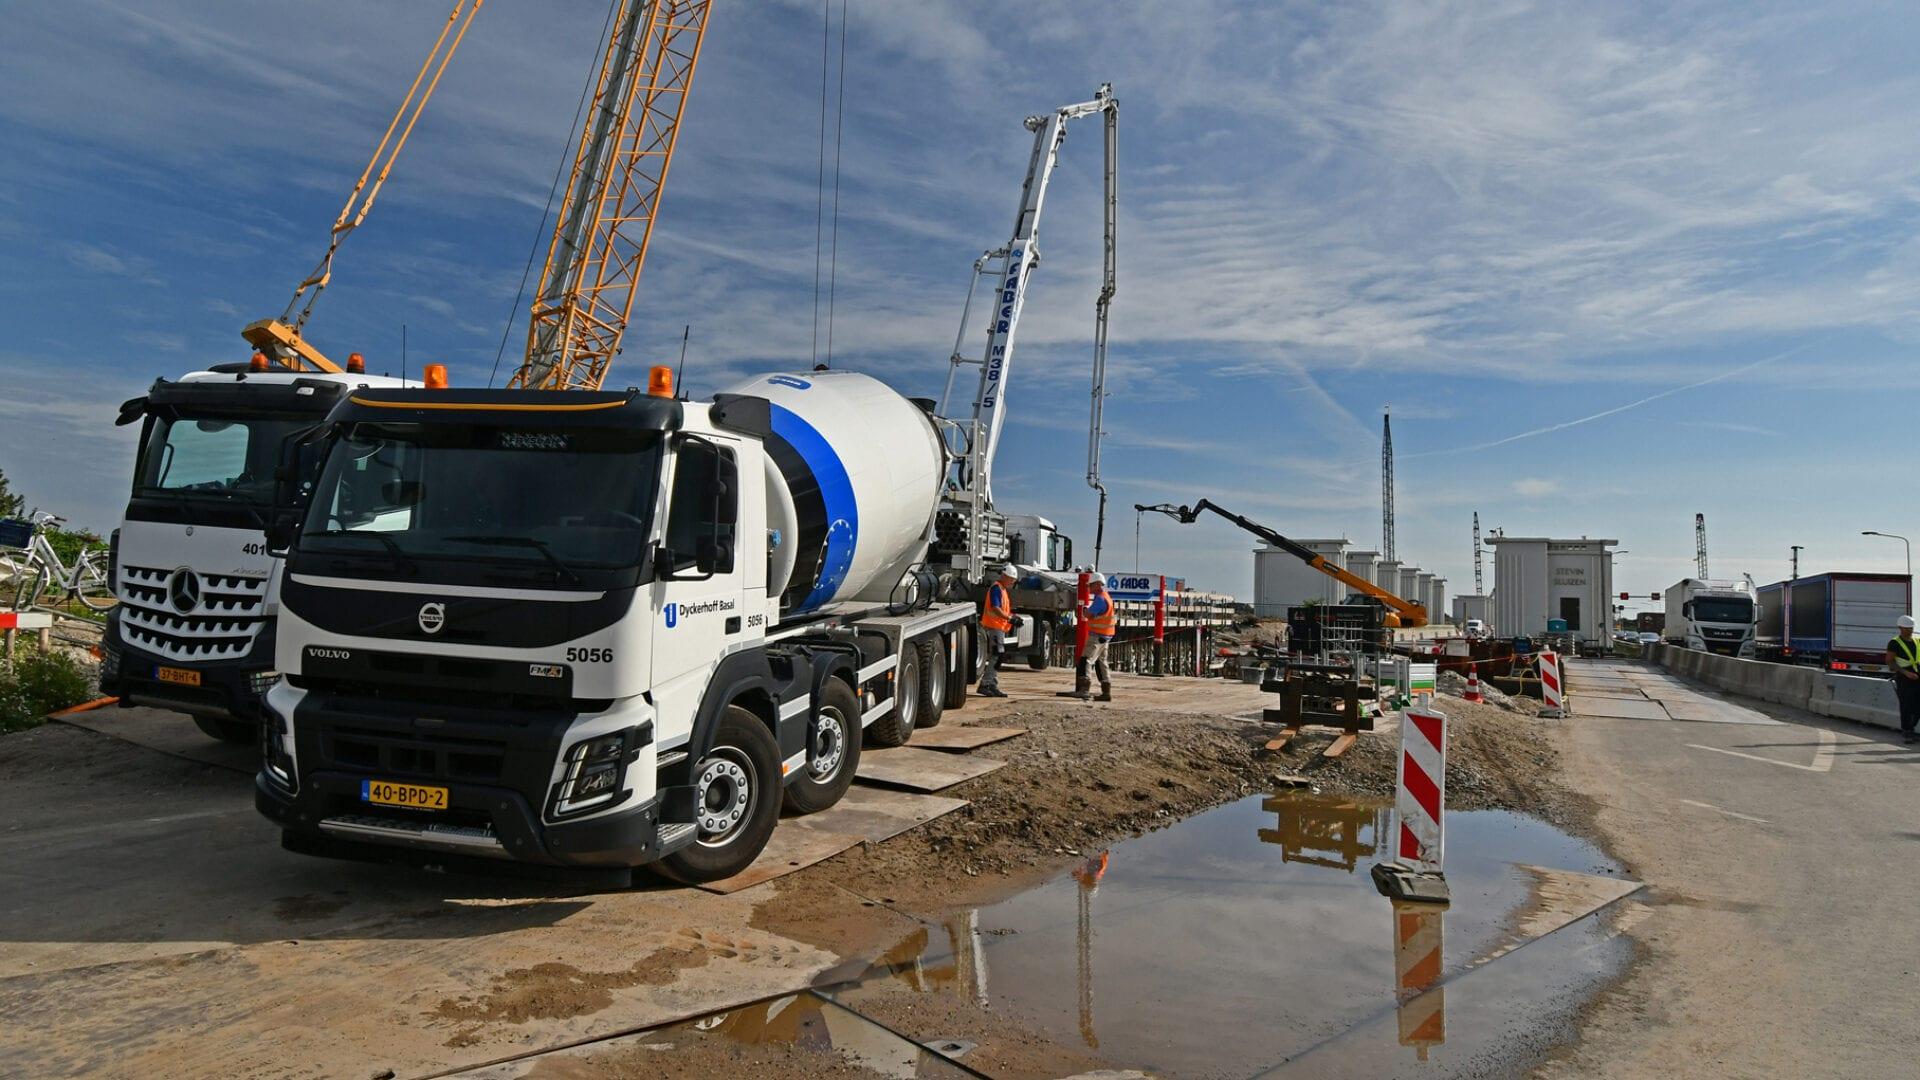 Betonstort van de voorwand van het gemaal. 14 vrachtwagens (ladingen) waren nodig voor de stort van deze wand.